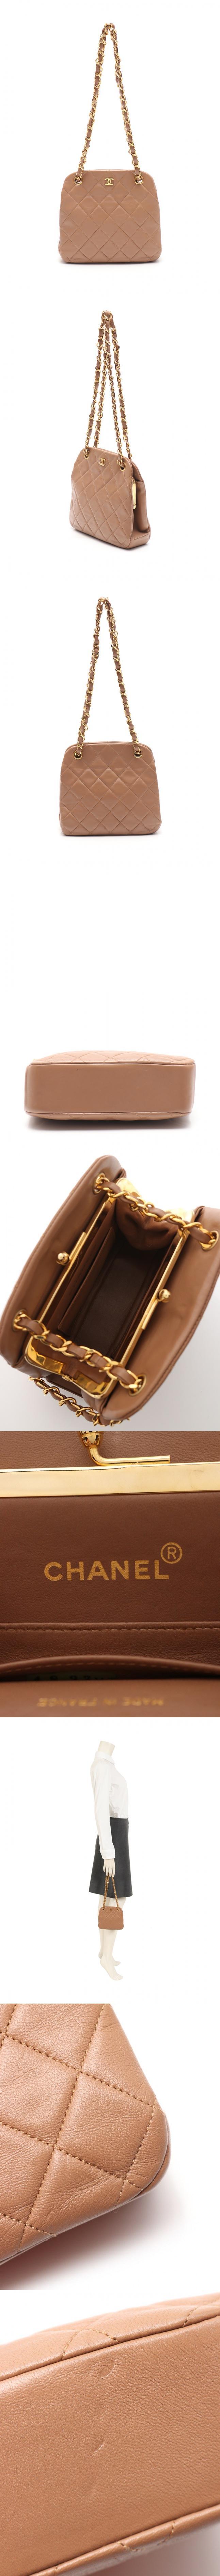 チェーンハンドバッグ ココマーク マトラッセ 茶 レザー がま口 ゴールド金具